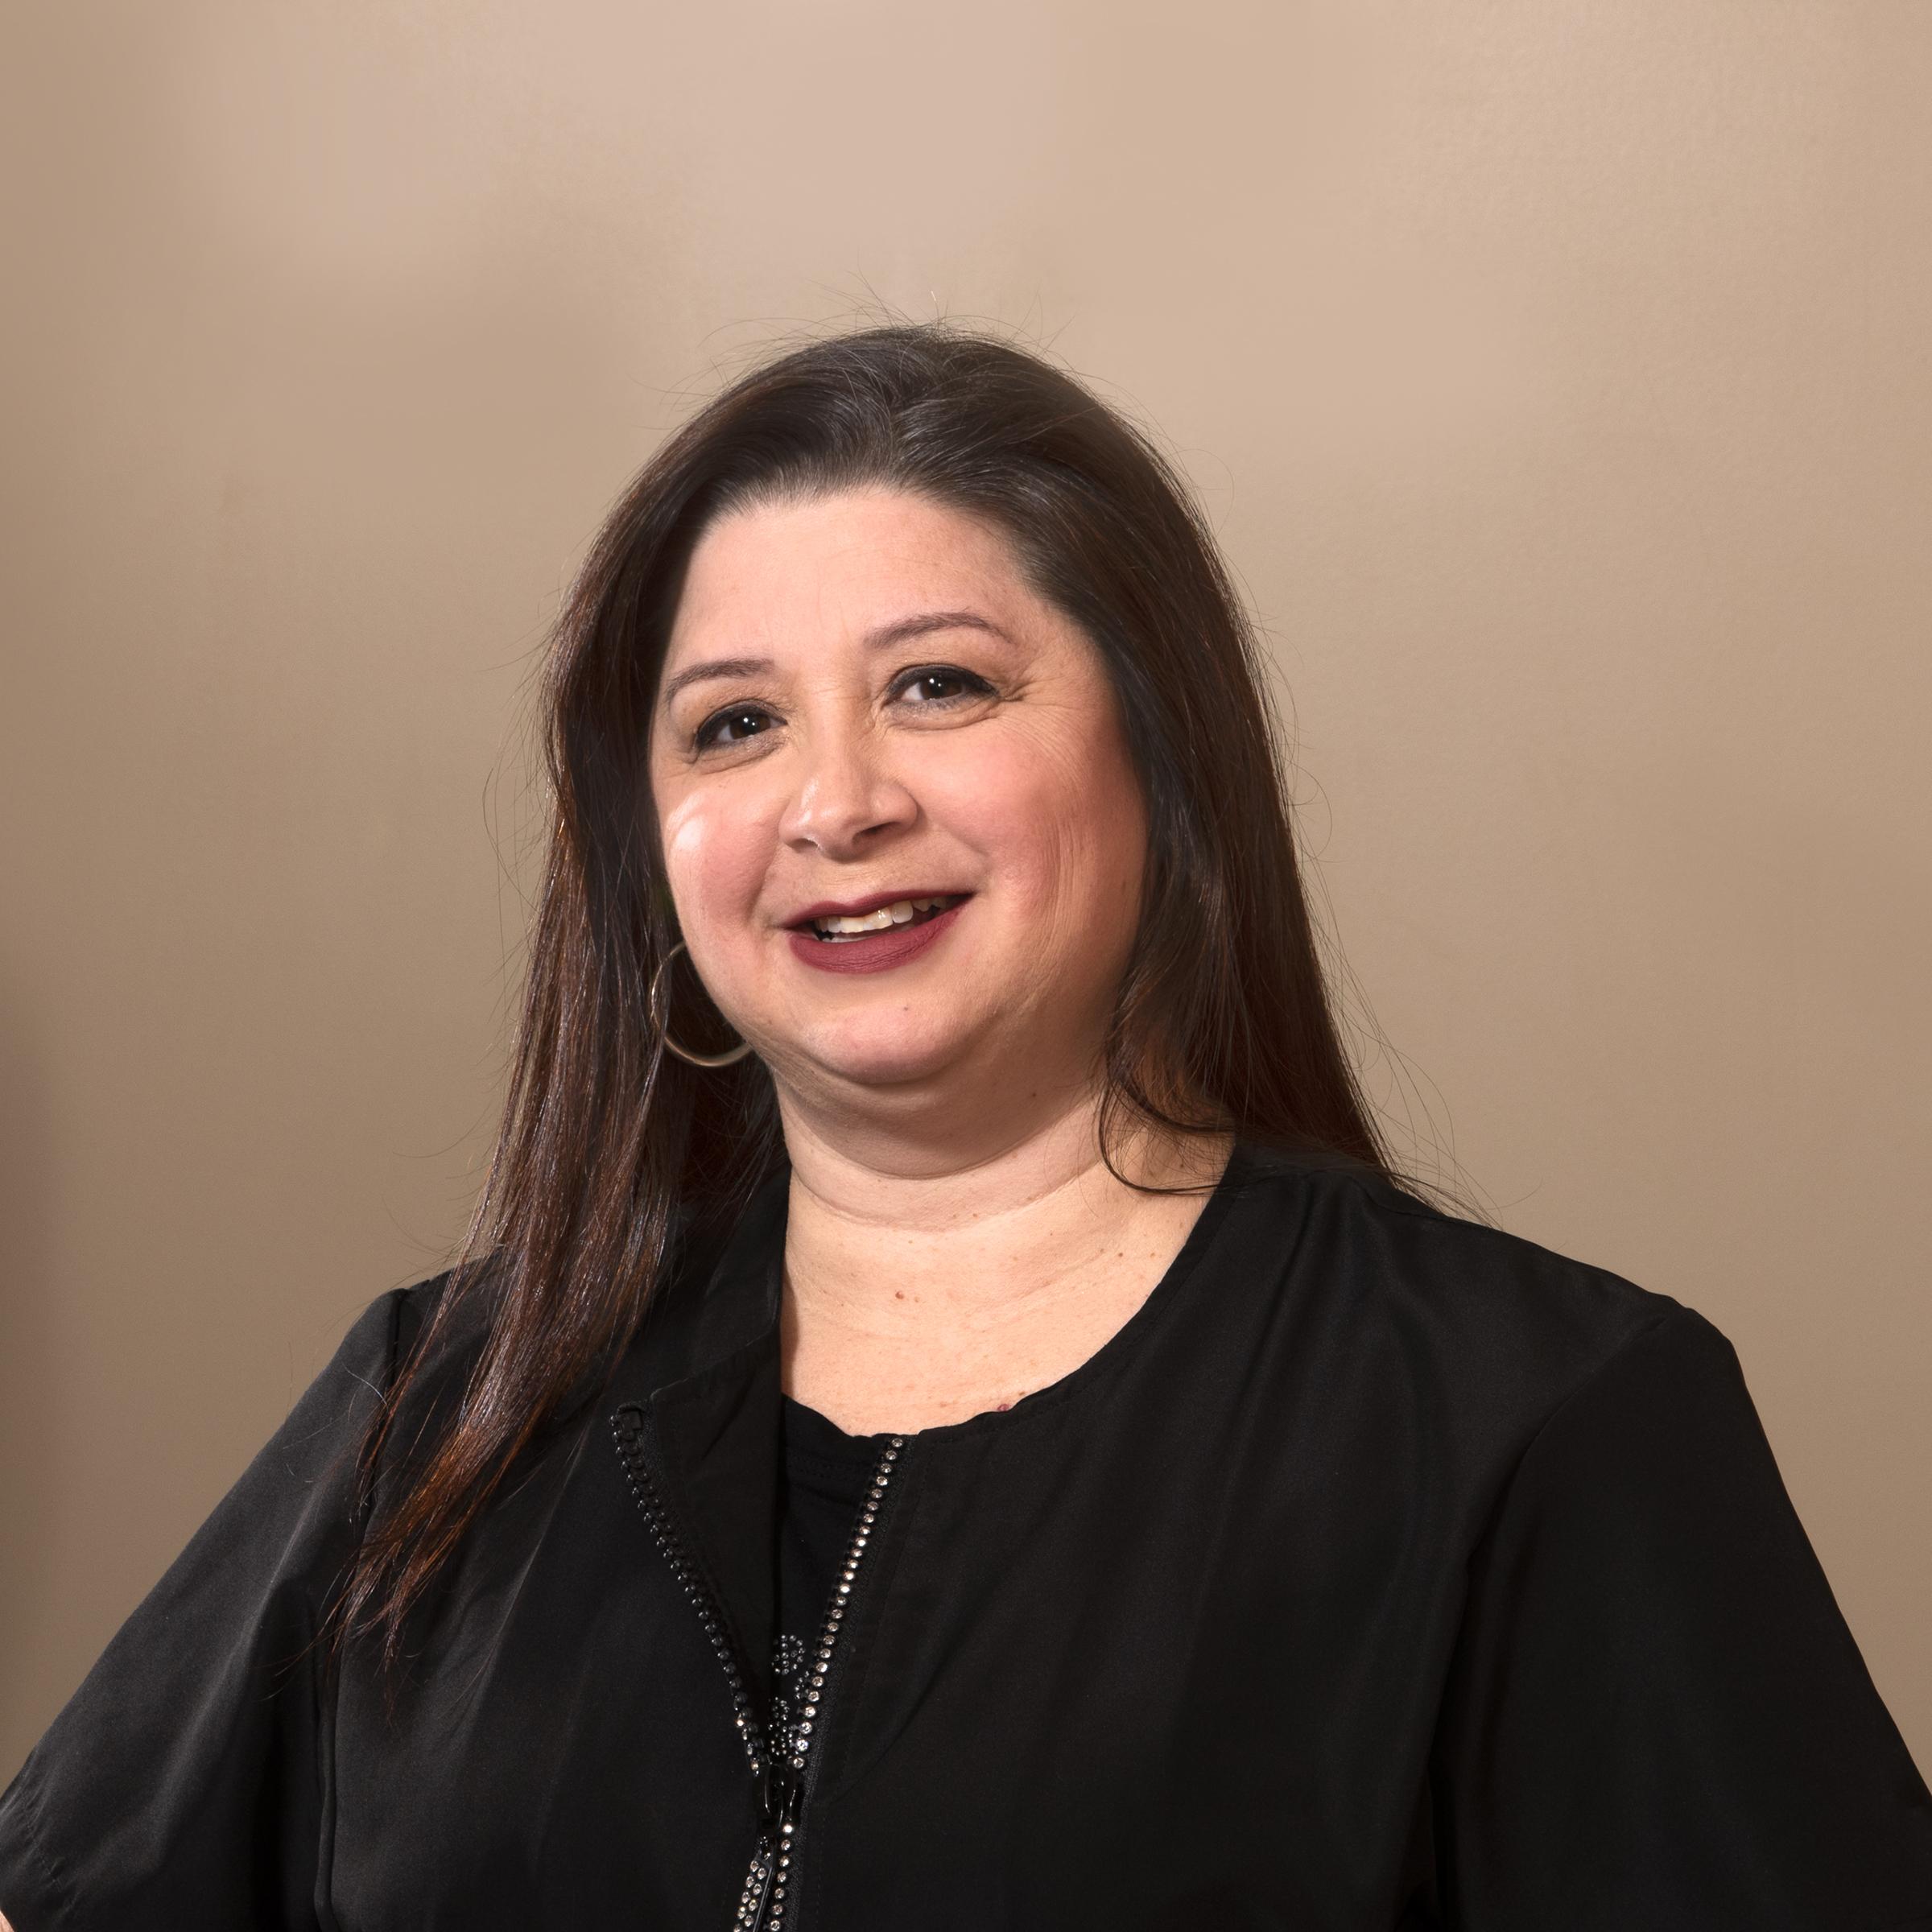 Lisa Maruk, RN, LMT, Reiki III Master